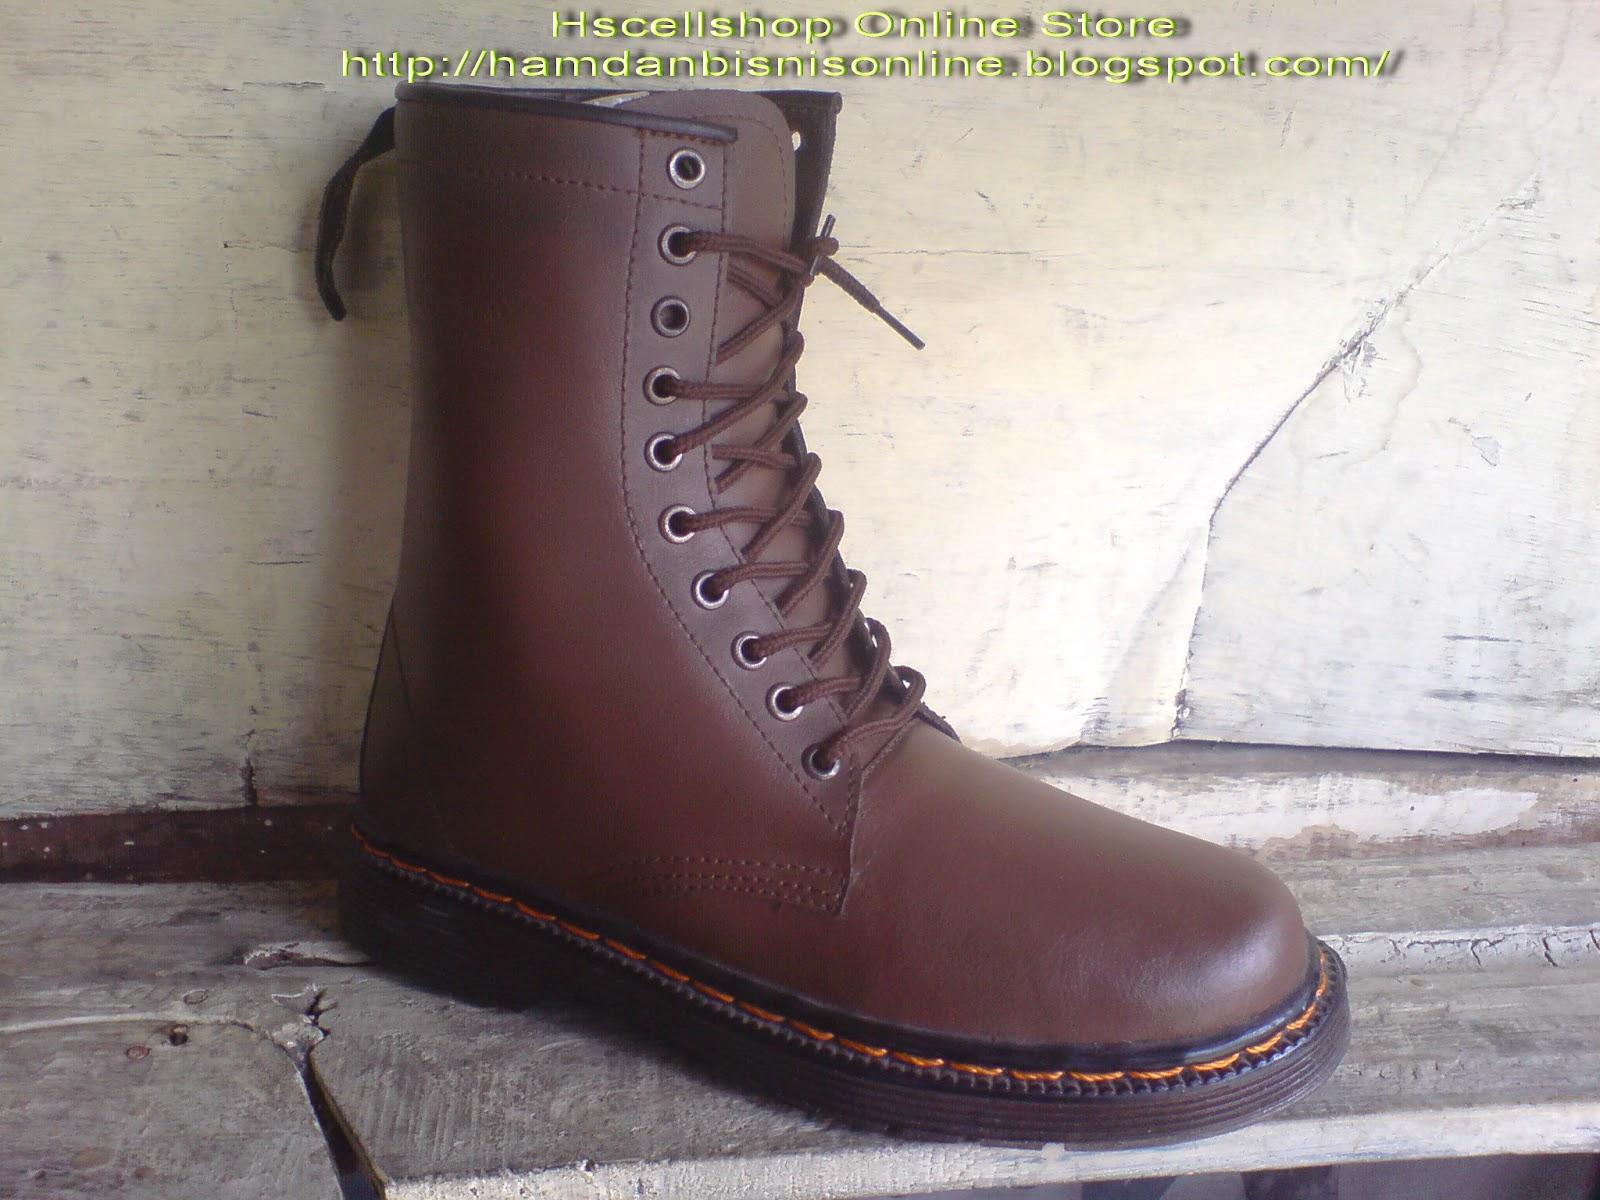 Sepatu dr martens ( docmart ) Kode SPT02 | hscellshop